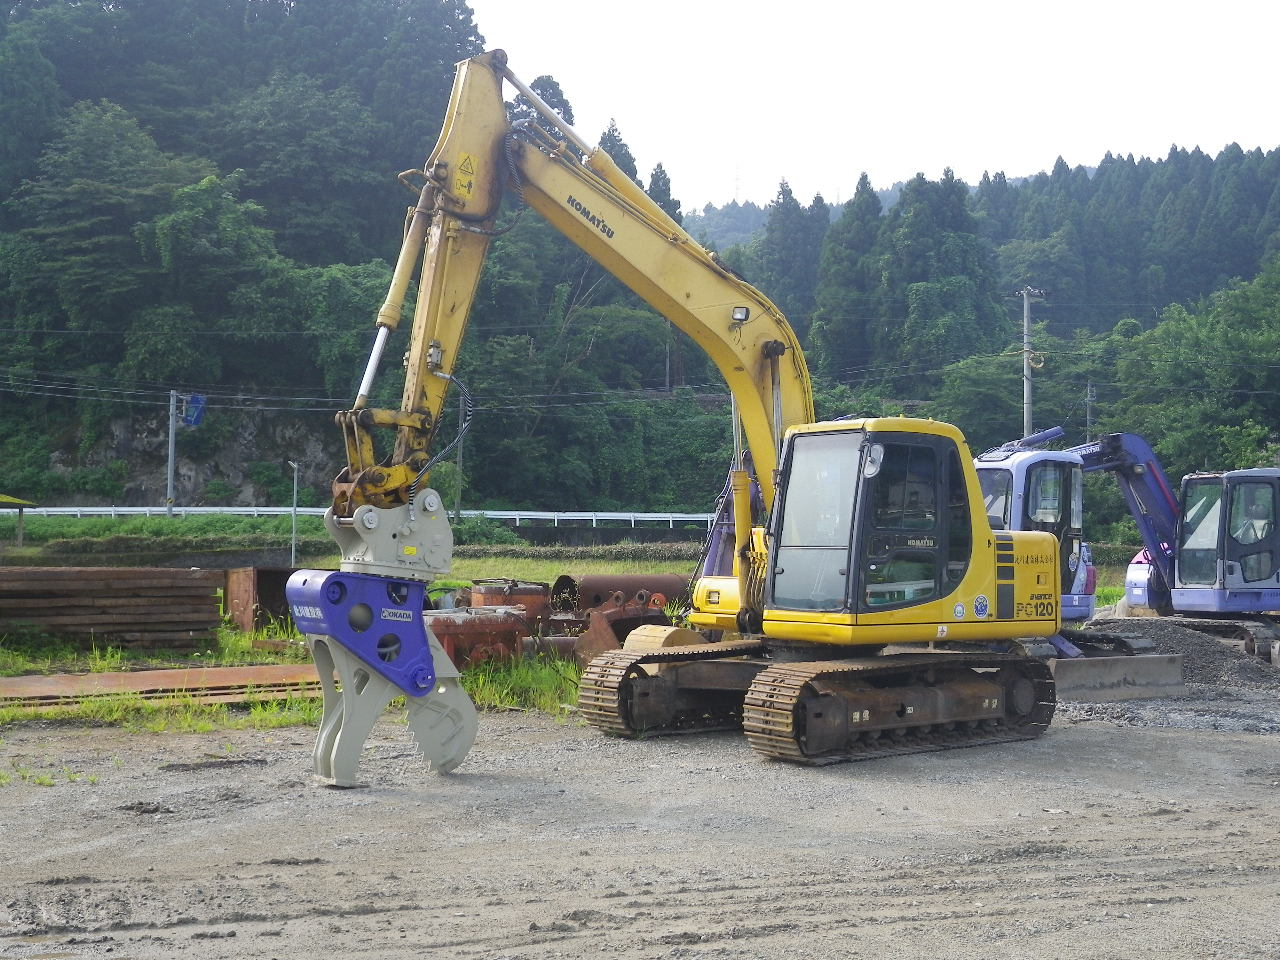 コマツバックホウ0.45m3級木材切断機装着仕様